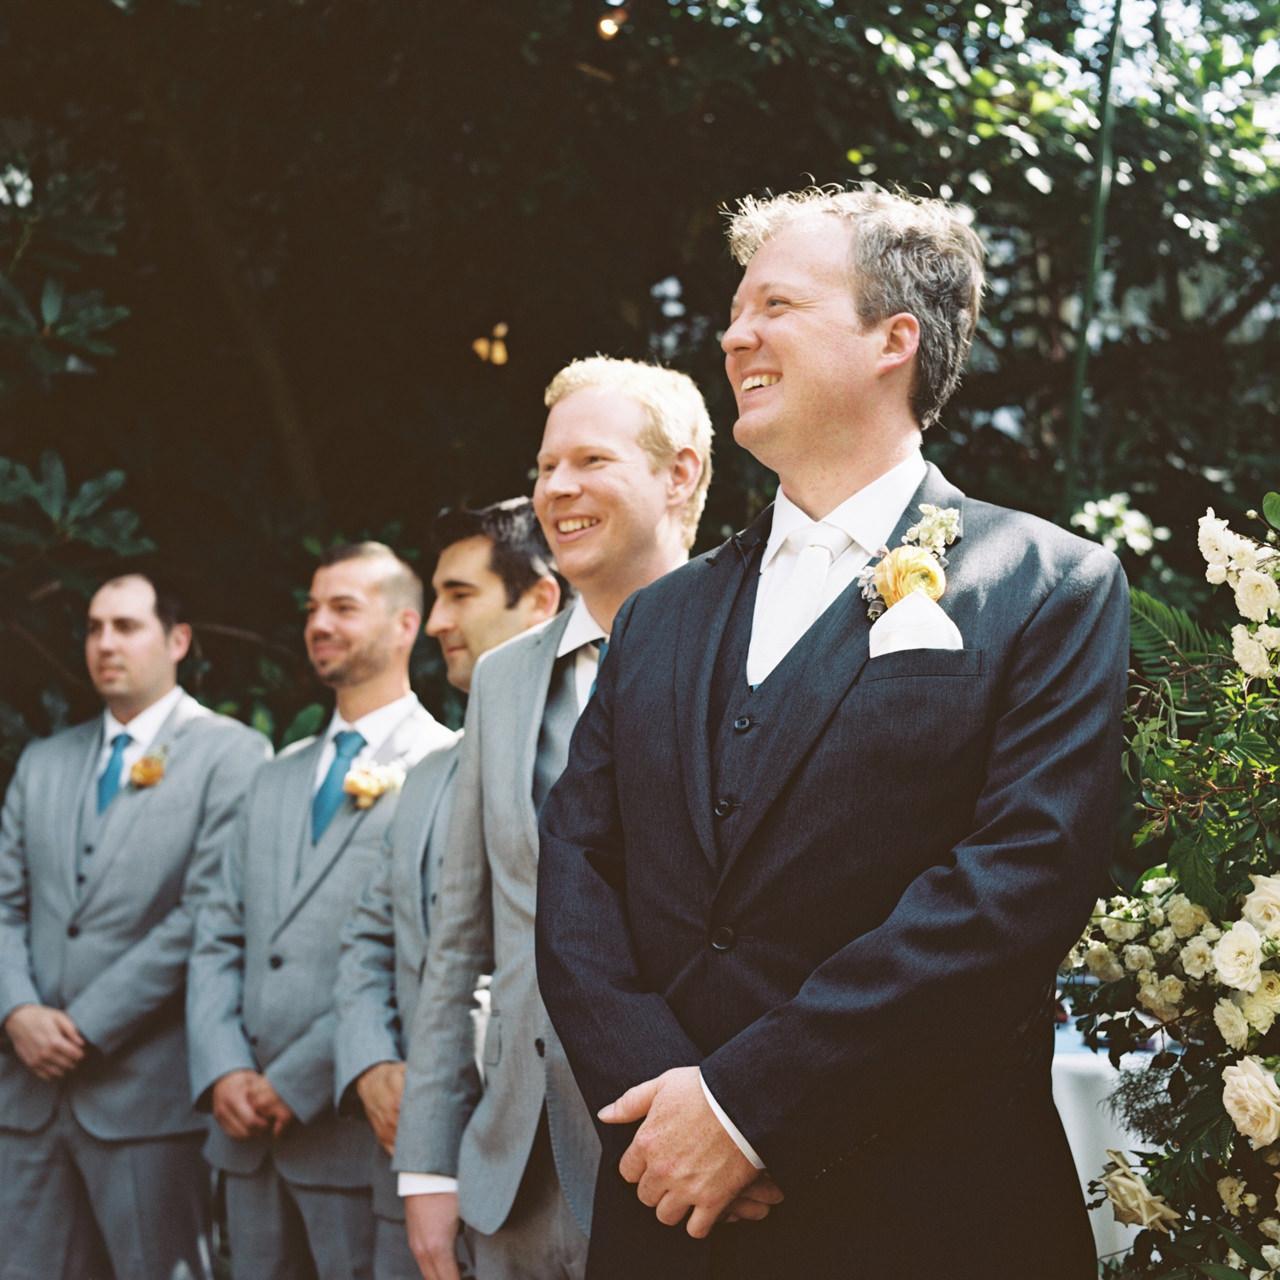 kennedy-school-mcmenamins-portland-wedding-058.JPG